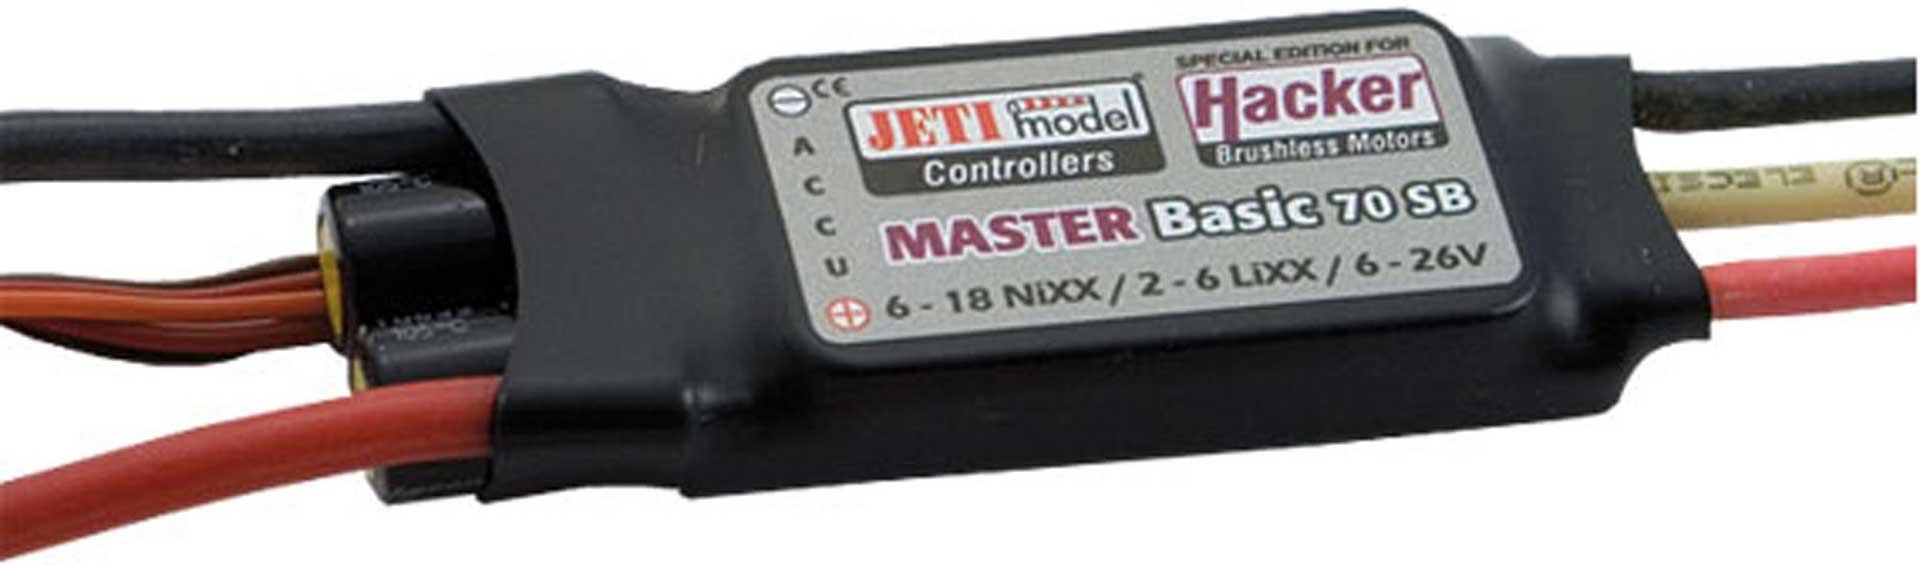 HACKER MASTER BASIC 70 SB BEC BRUSHLESS ESC